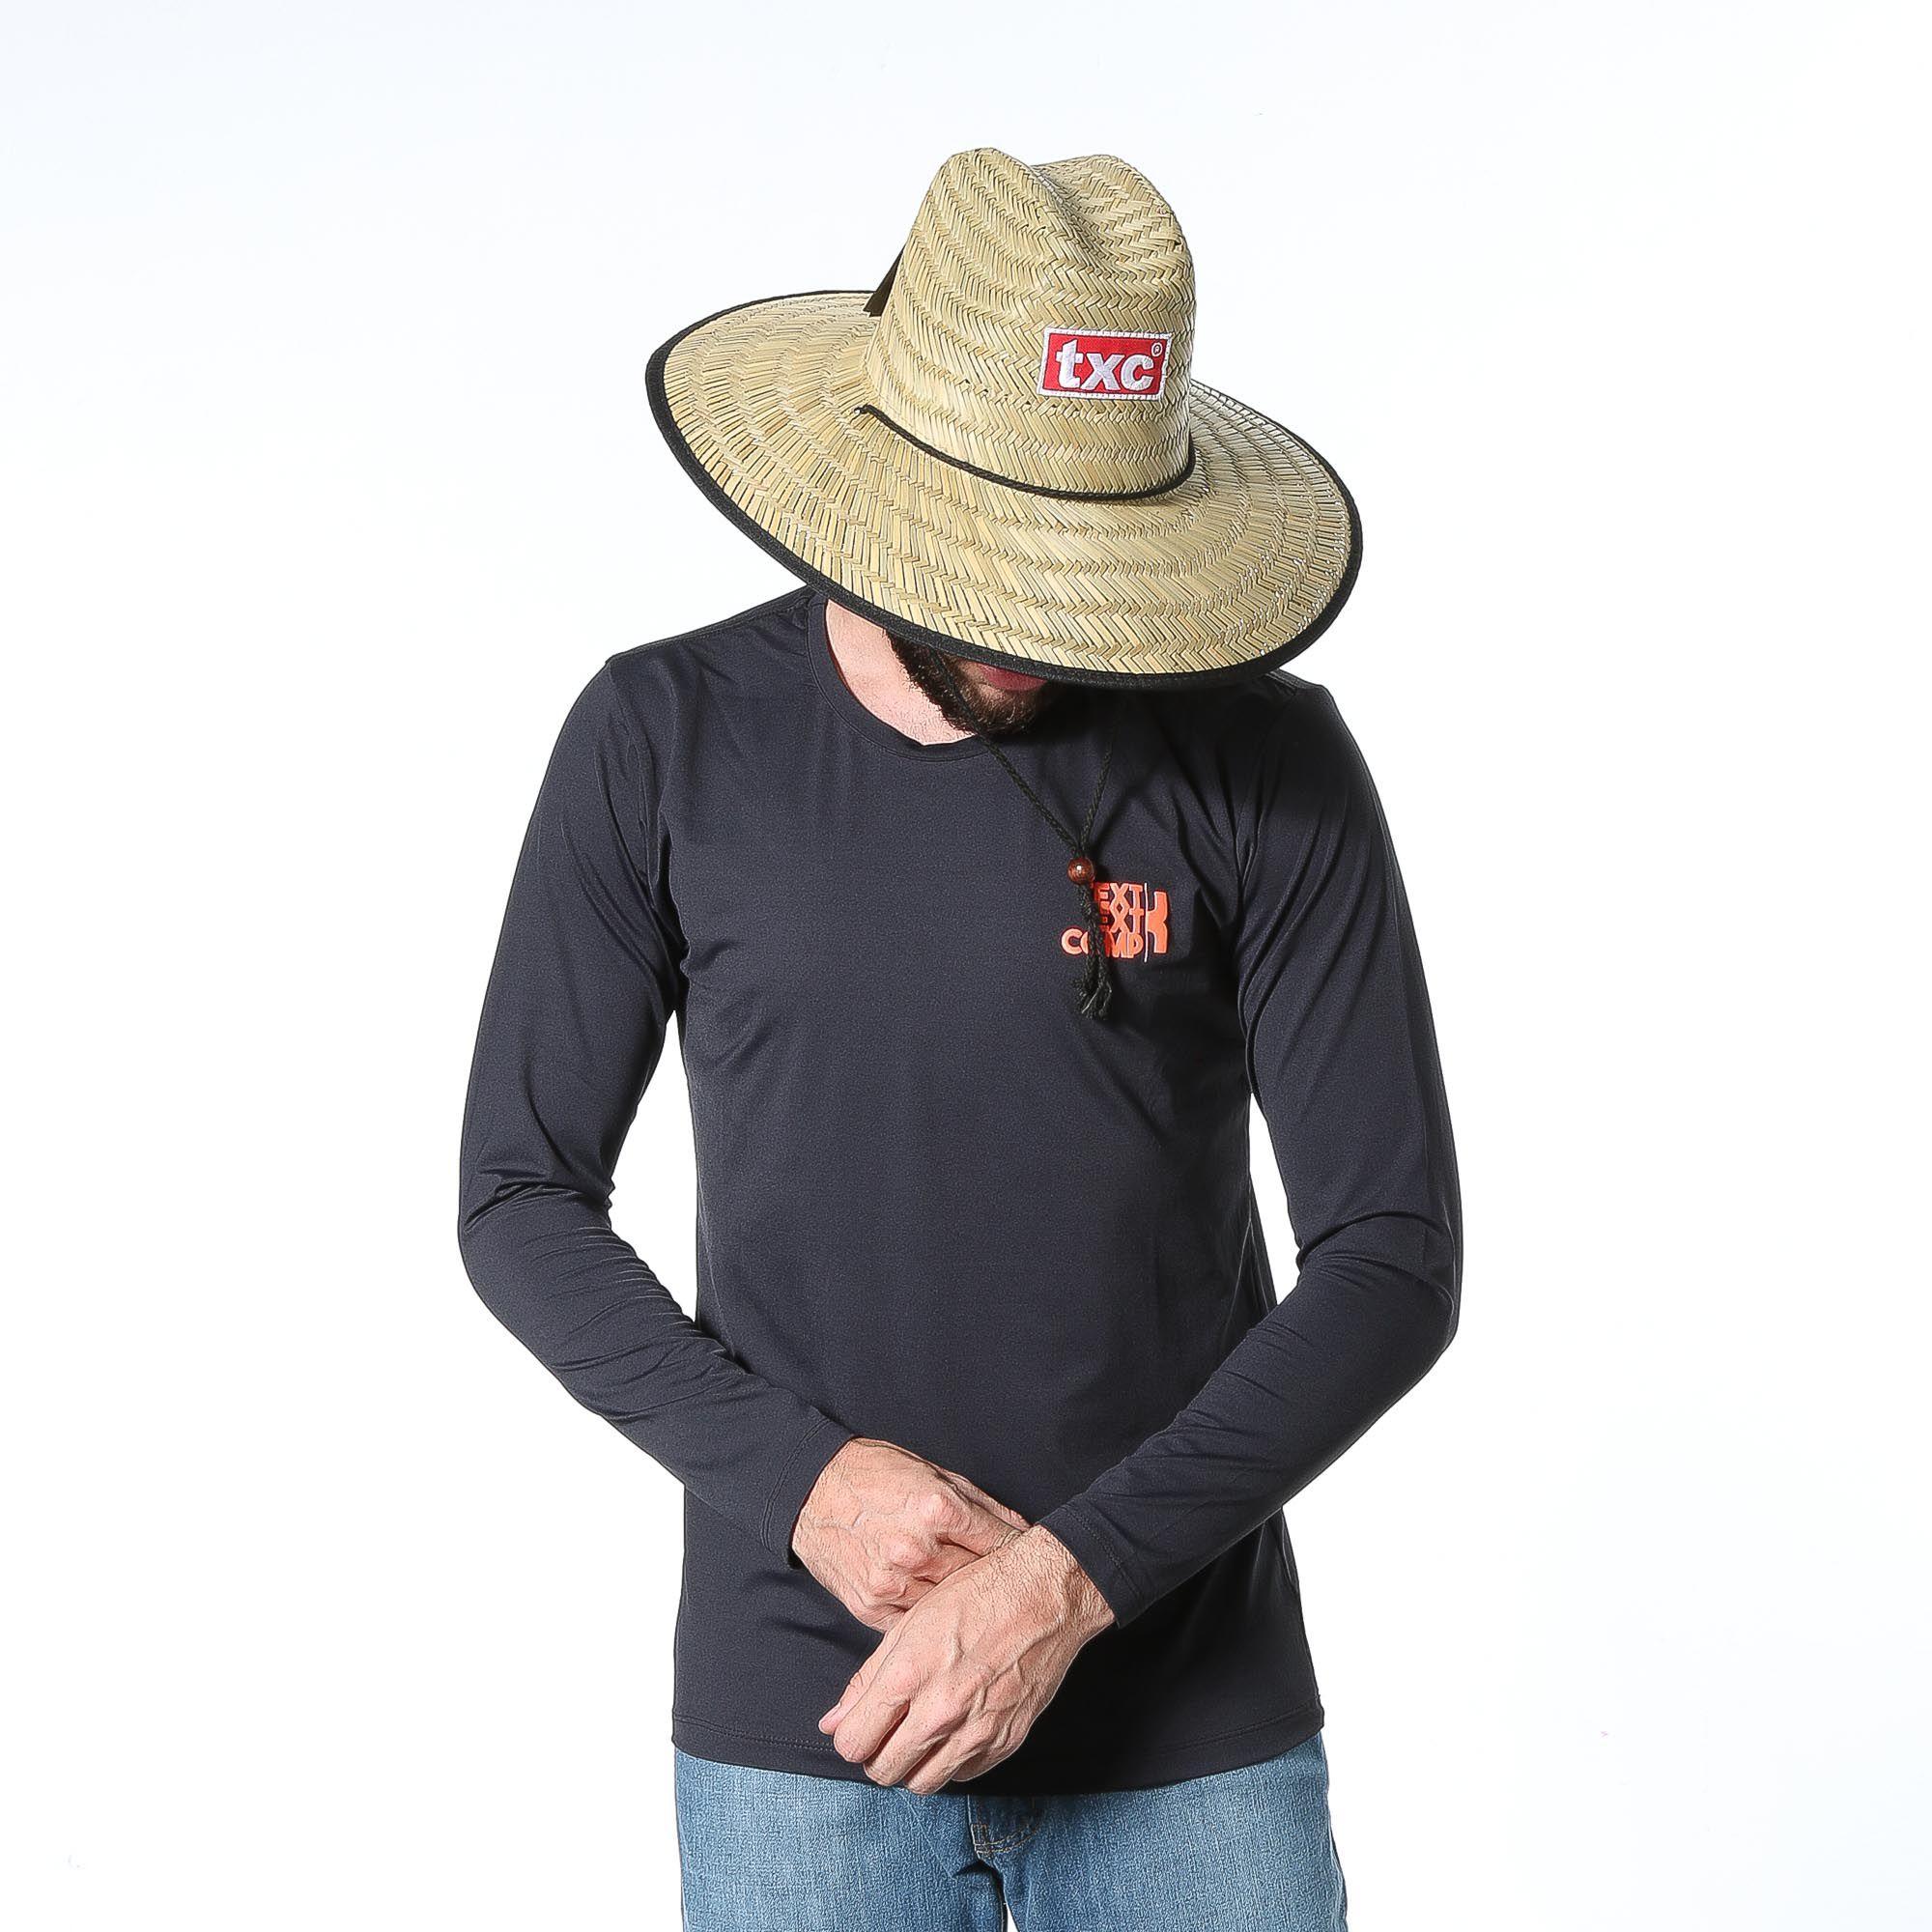 Camiseta TXC Brand UV 1750